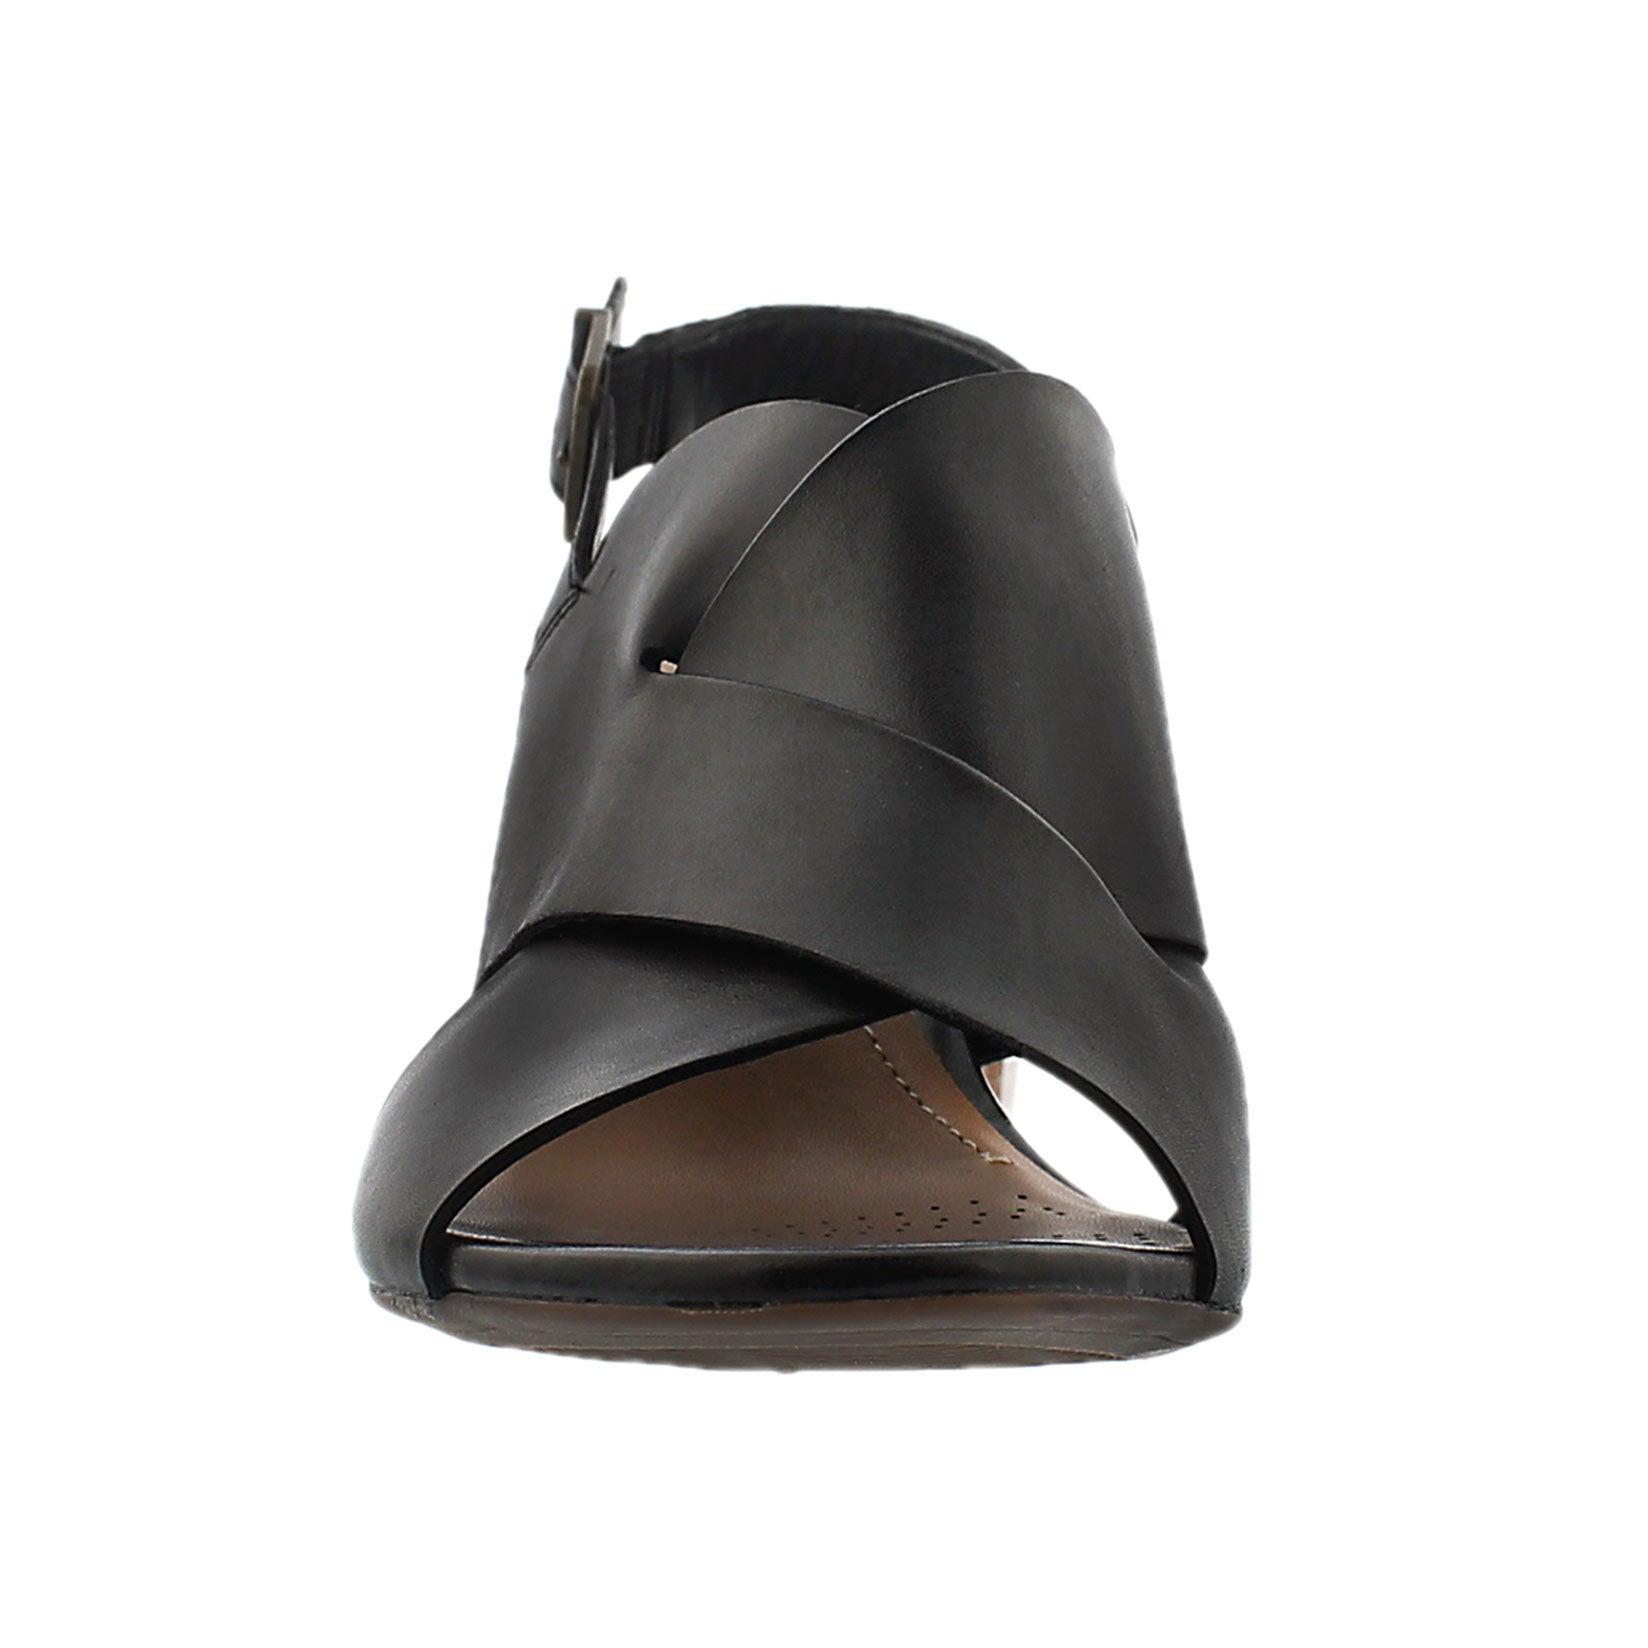 Lds Ralene Vive black dress sandal